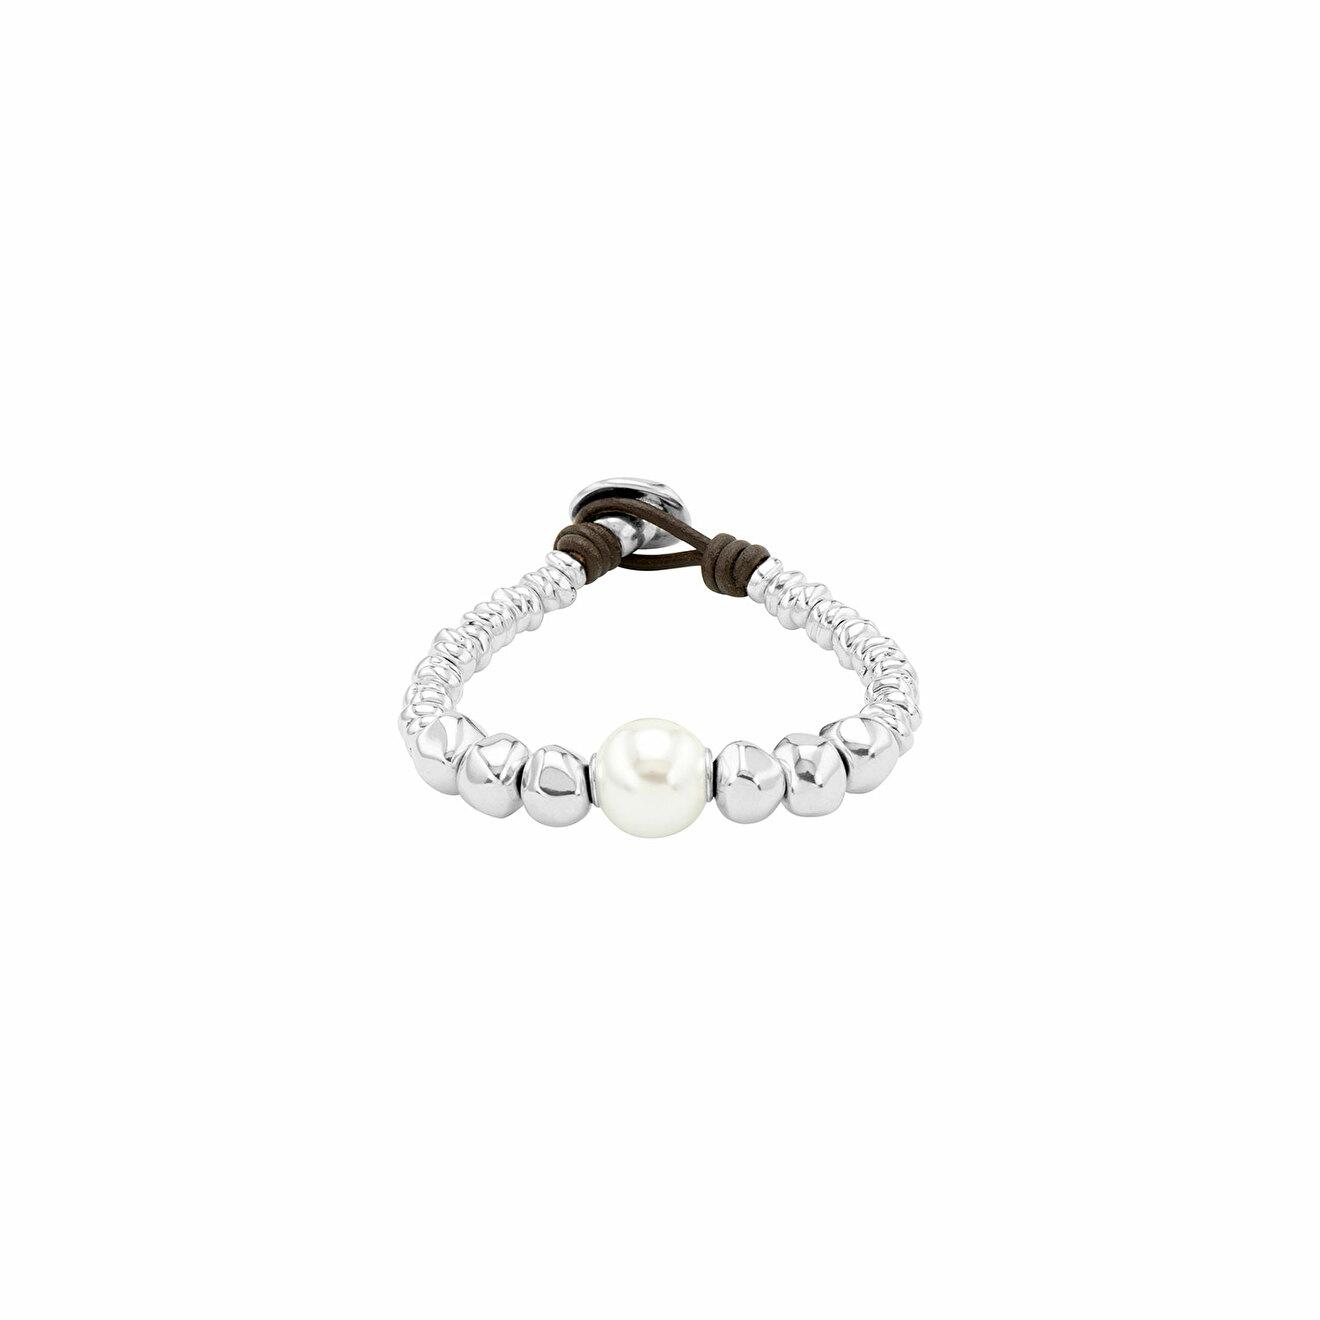 Unode50 Покрытый серебром браслет с синтетическим жемчугом и натуральной кожей Moody unode50 покрытое серебром короткое ожерелье с подвесками и синтетическим жемчугом moody